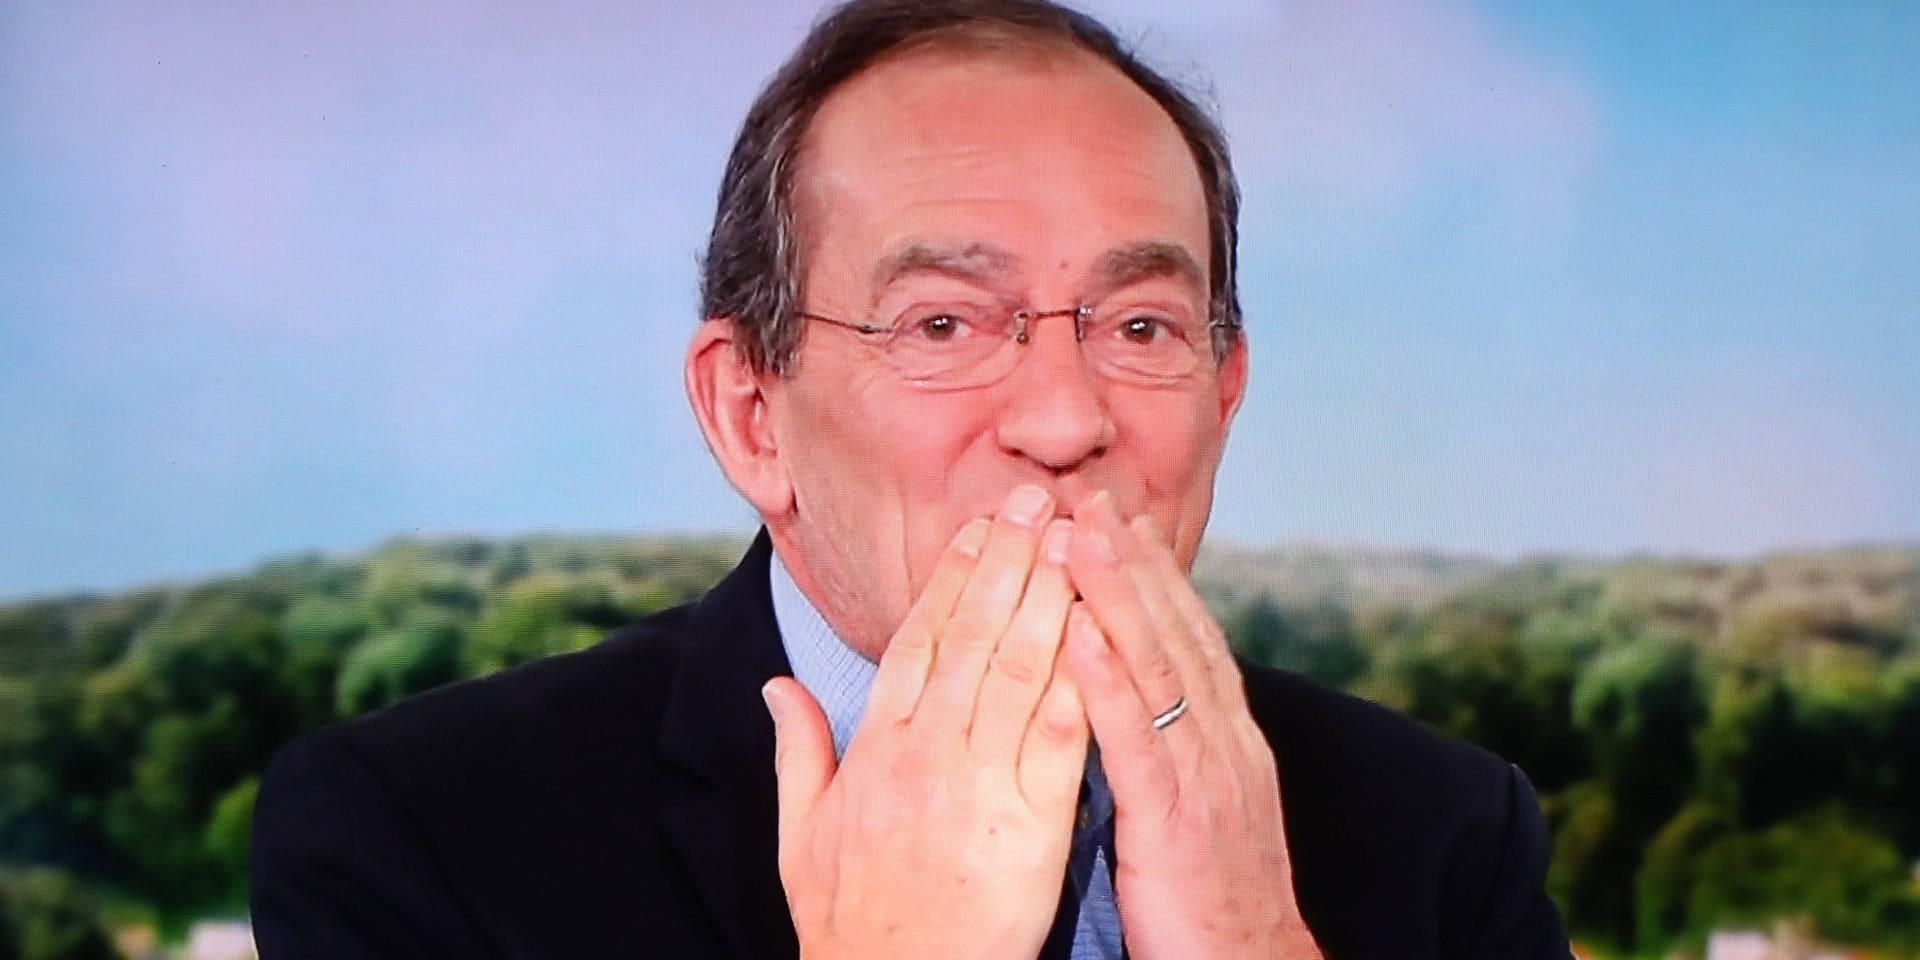 Jean-Pierre Pernaut raconte ses souvenirs dans une autobiographie riche en anecdotes : nous l'avons lue